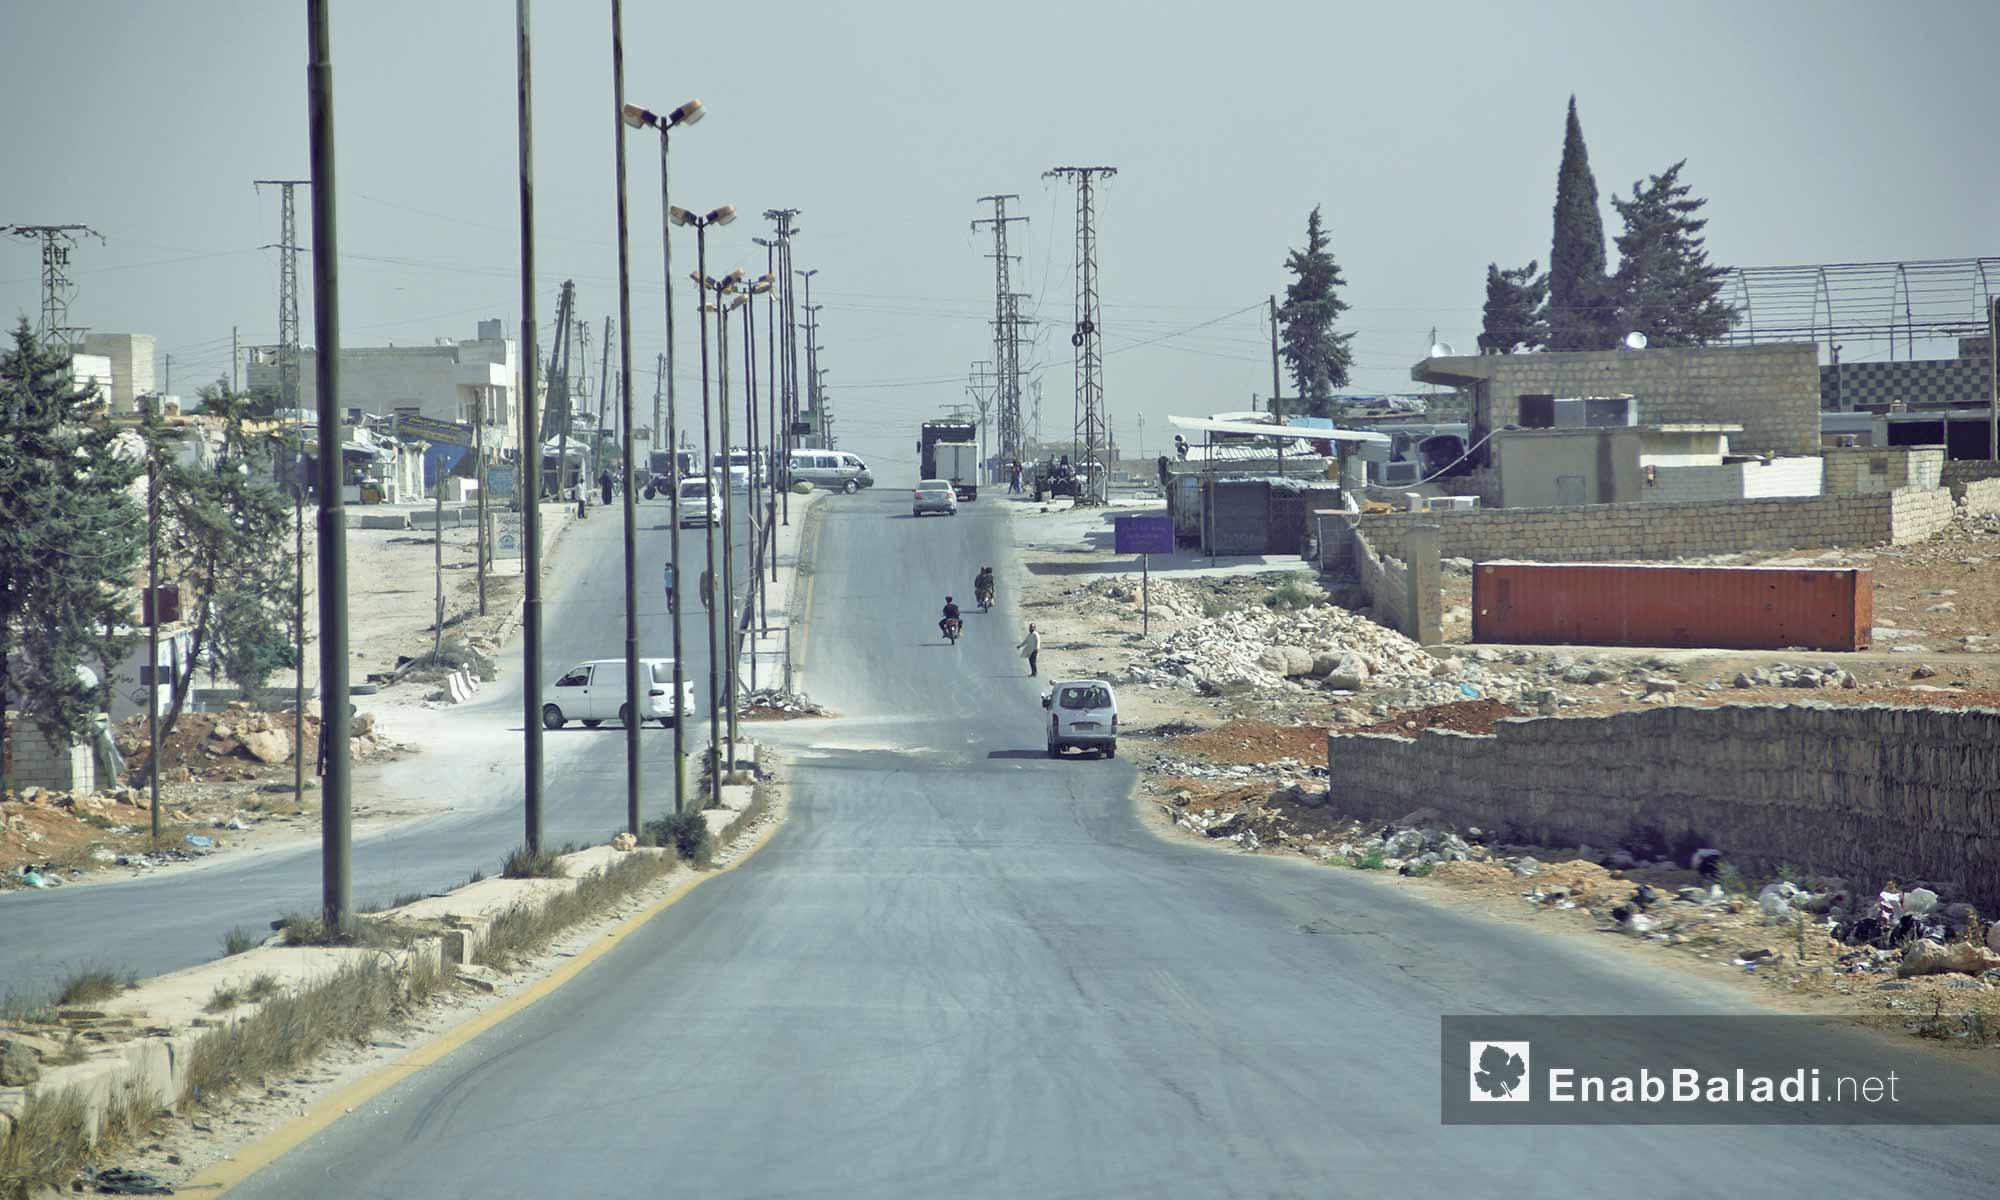 بلدة أورم الكبرى في ريف حلب الغربي - 14 تشرين الأول 2016 (عنب بلدي)